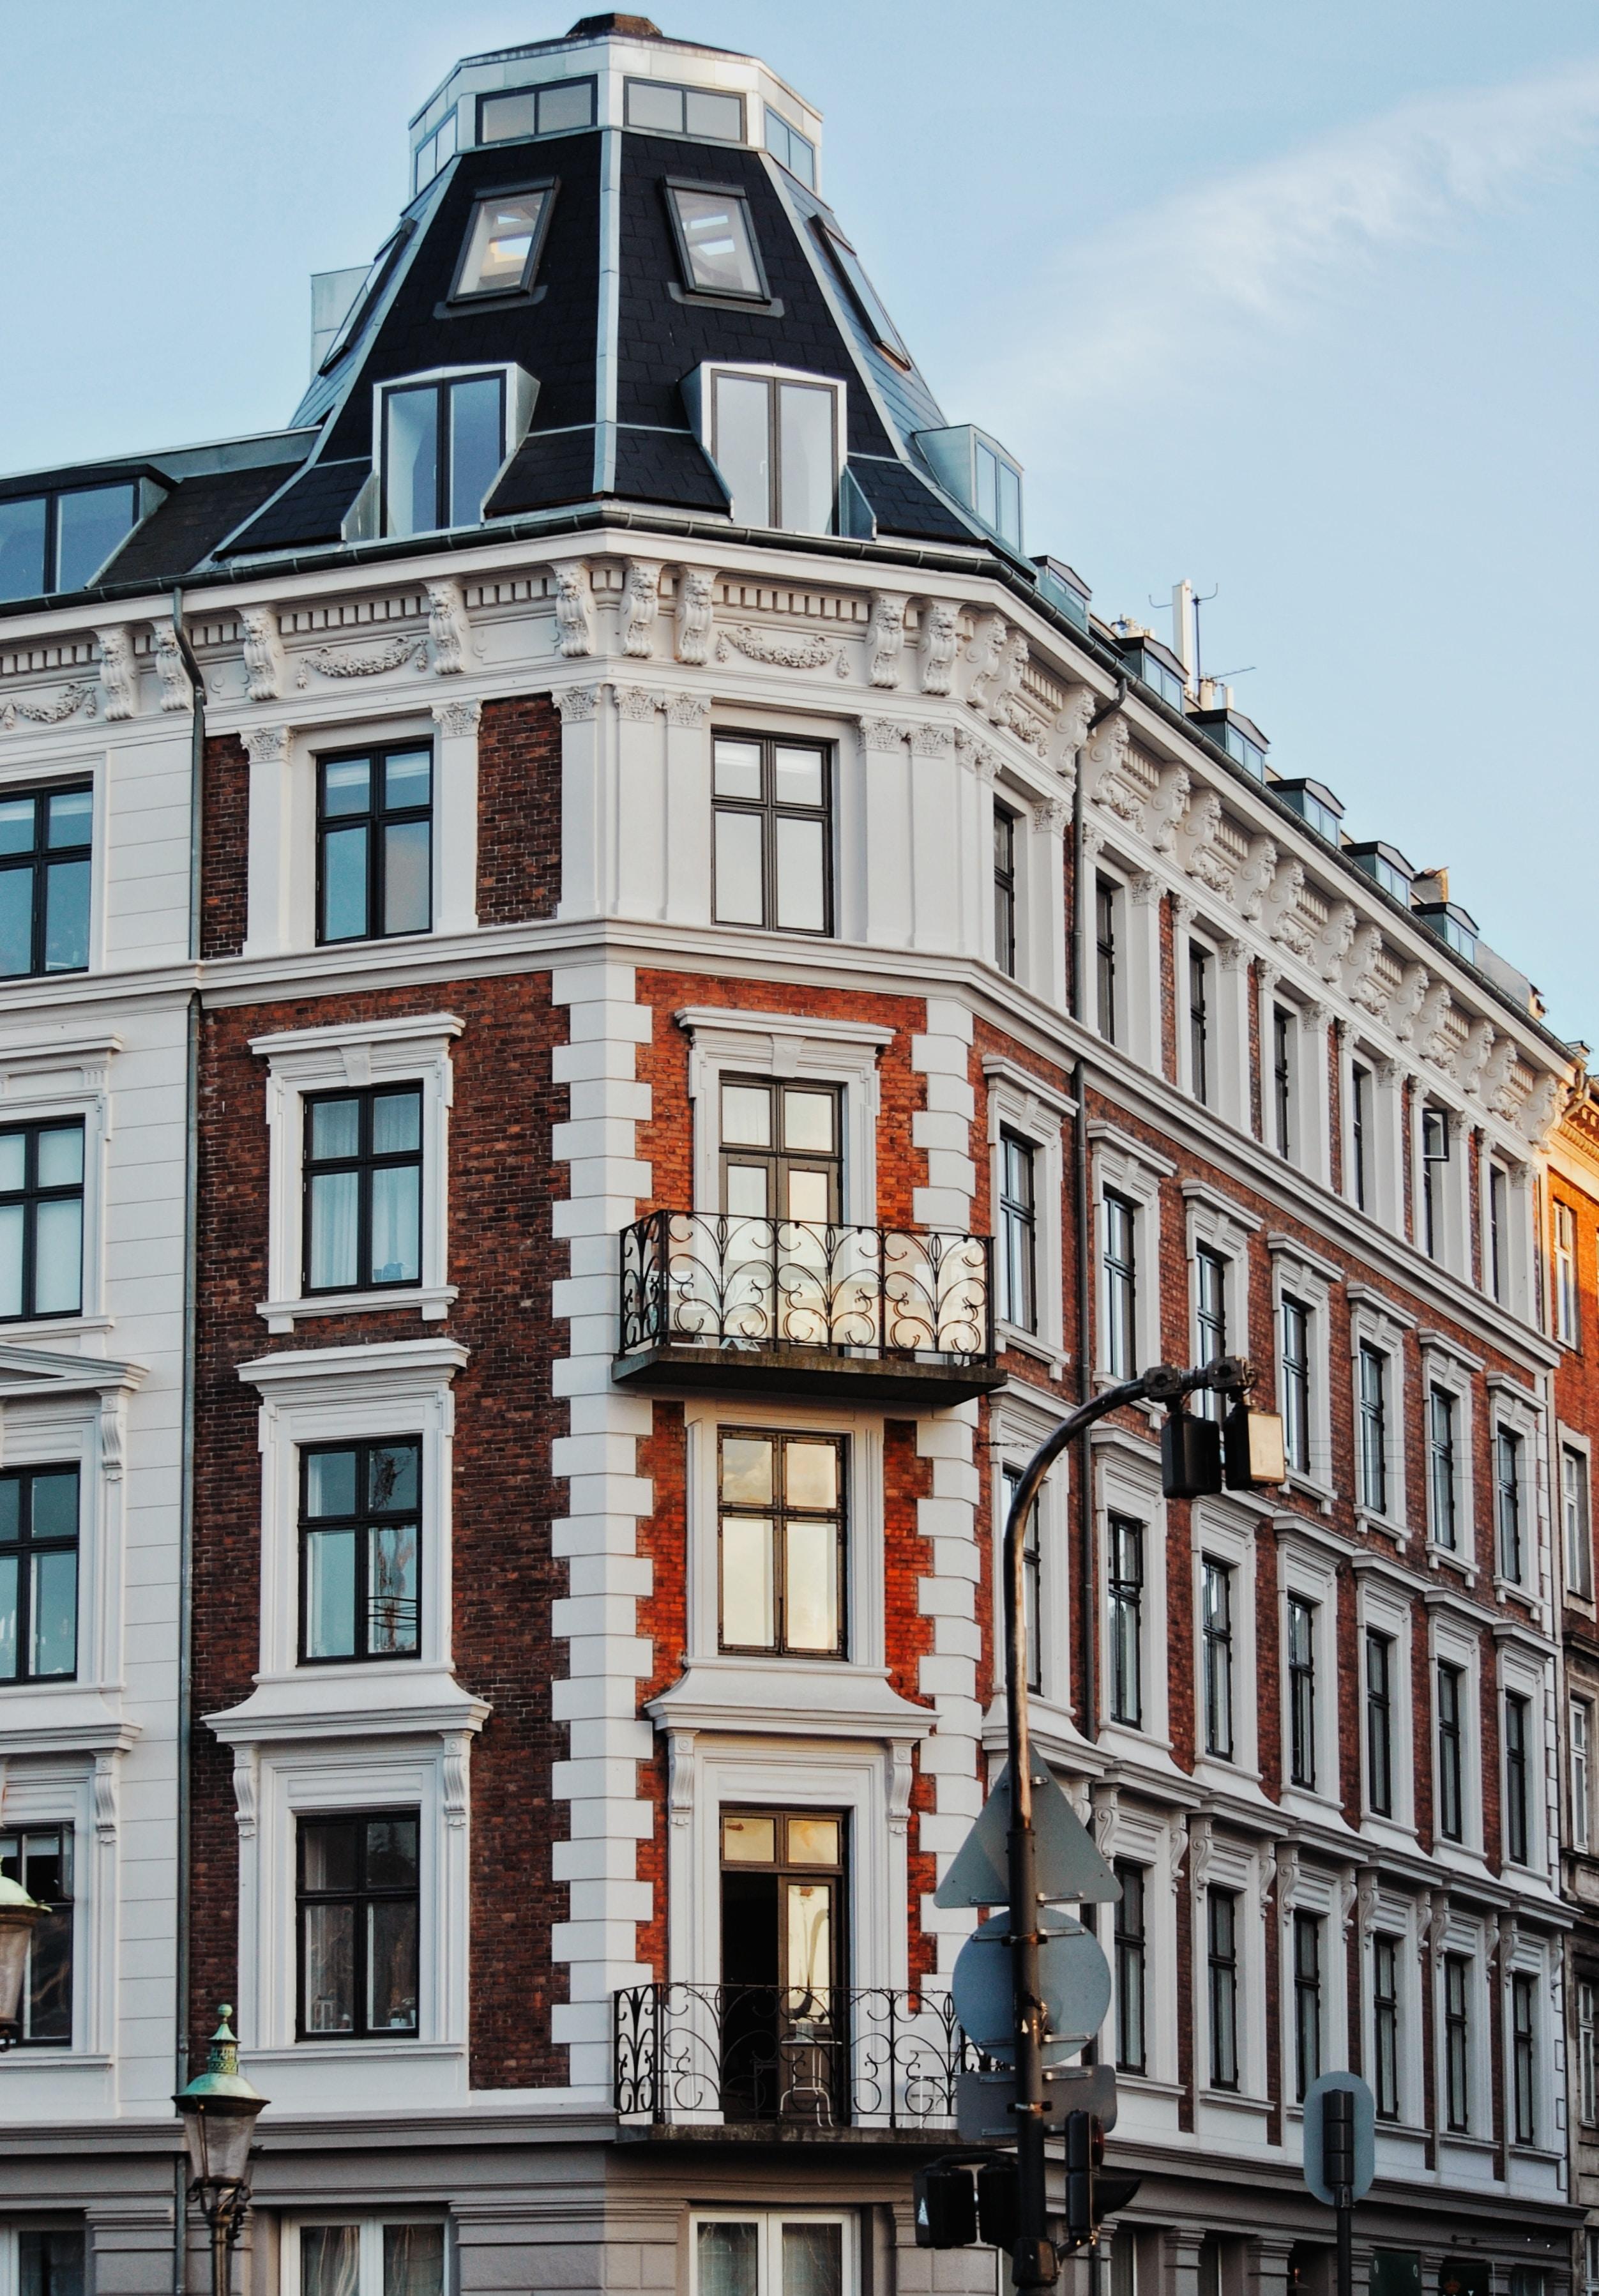 Hus. Lejligheder. Danske boligselskaber presser huslejen op ved hjælp af unødvendige renoveringer. (Foto: Unsplash)